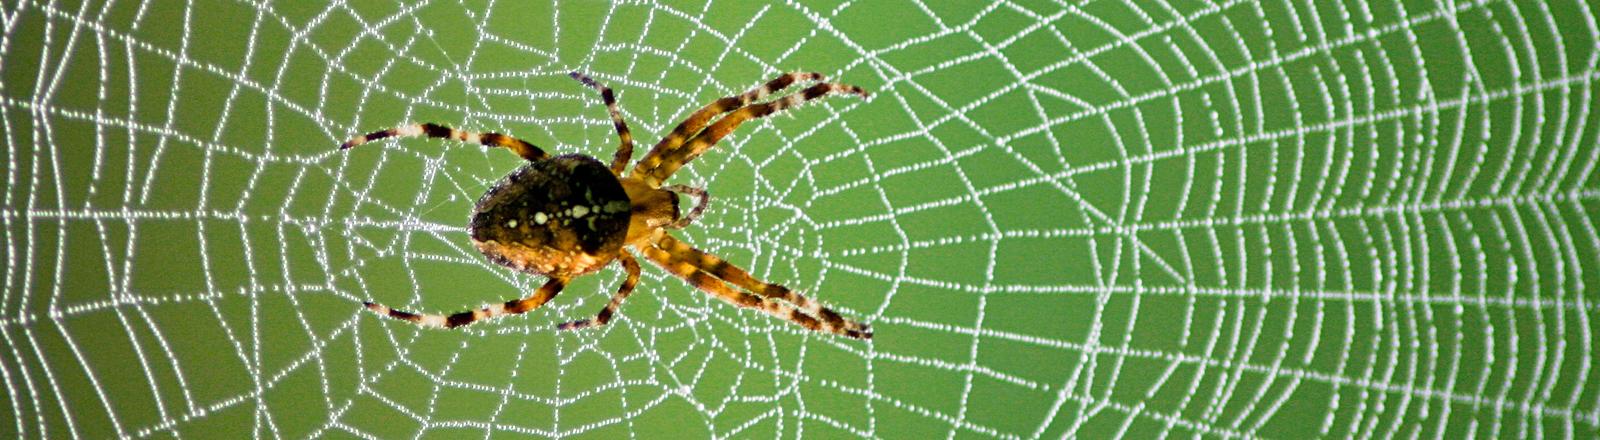 Eine schwarz-braune Spinne sitzt in ihrem Netz, vor grünem Hintergrund.